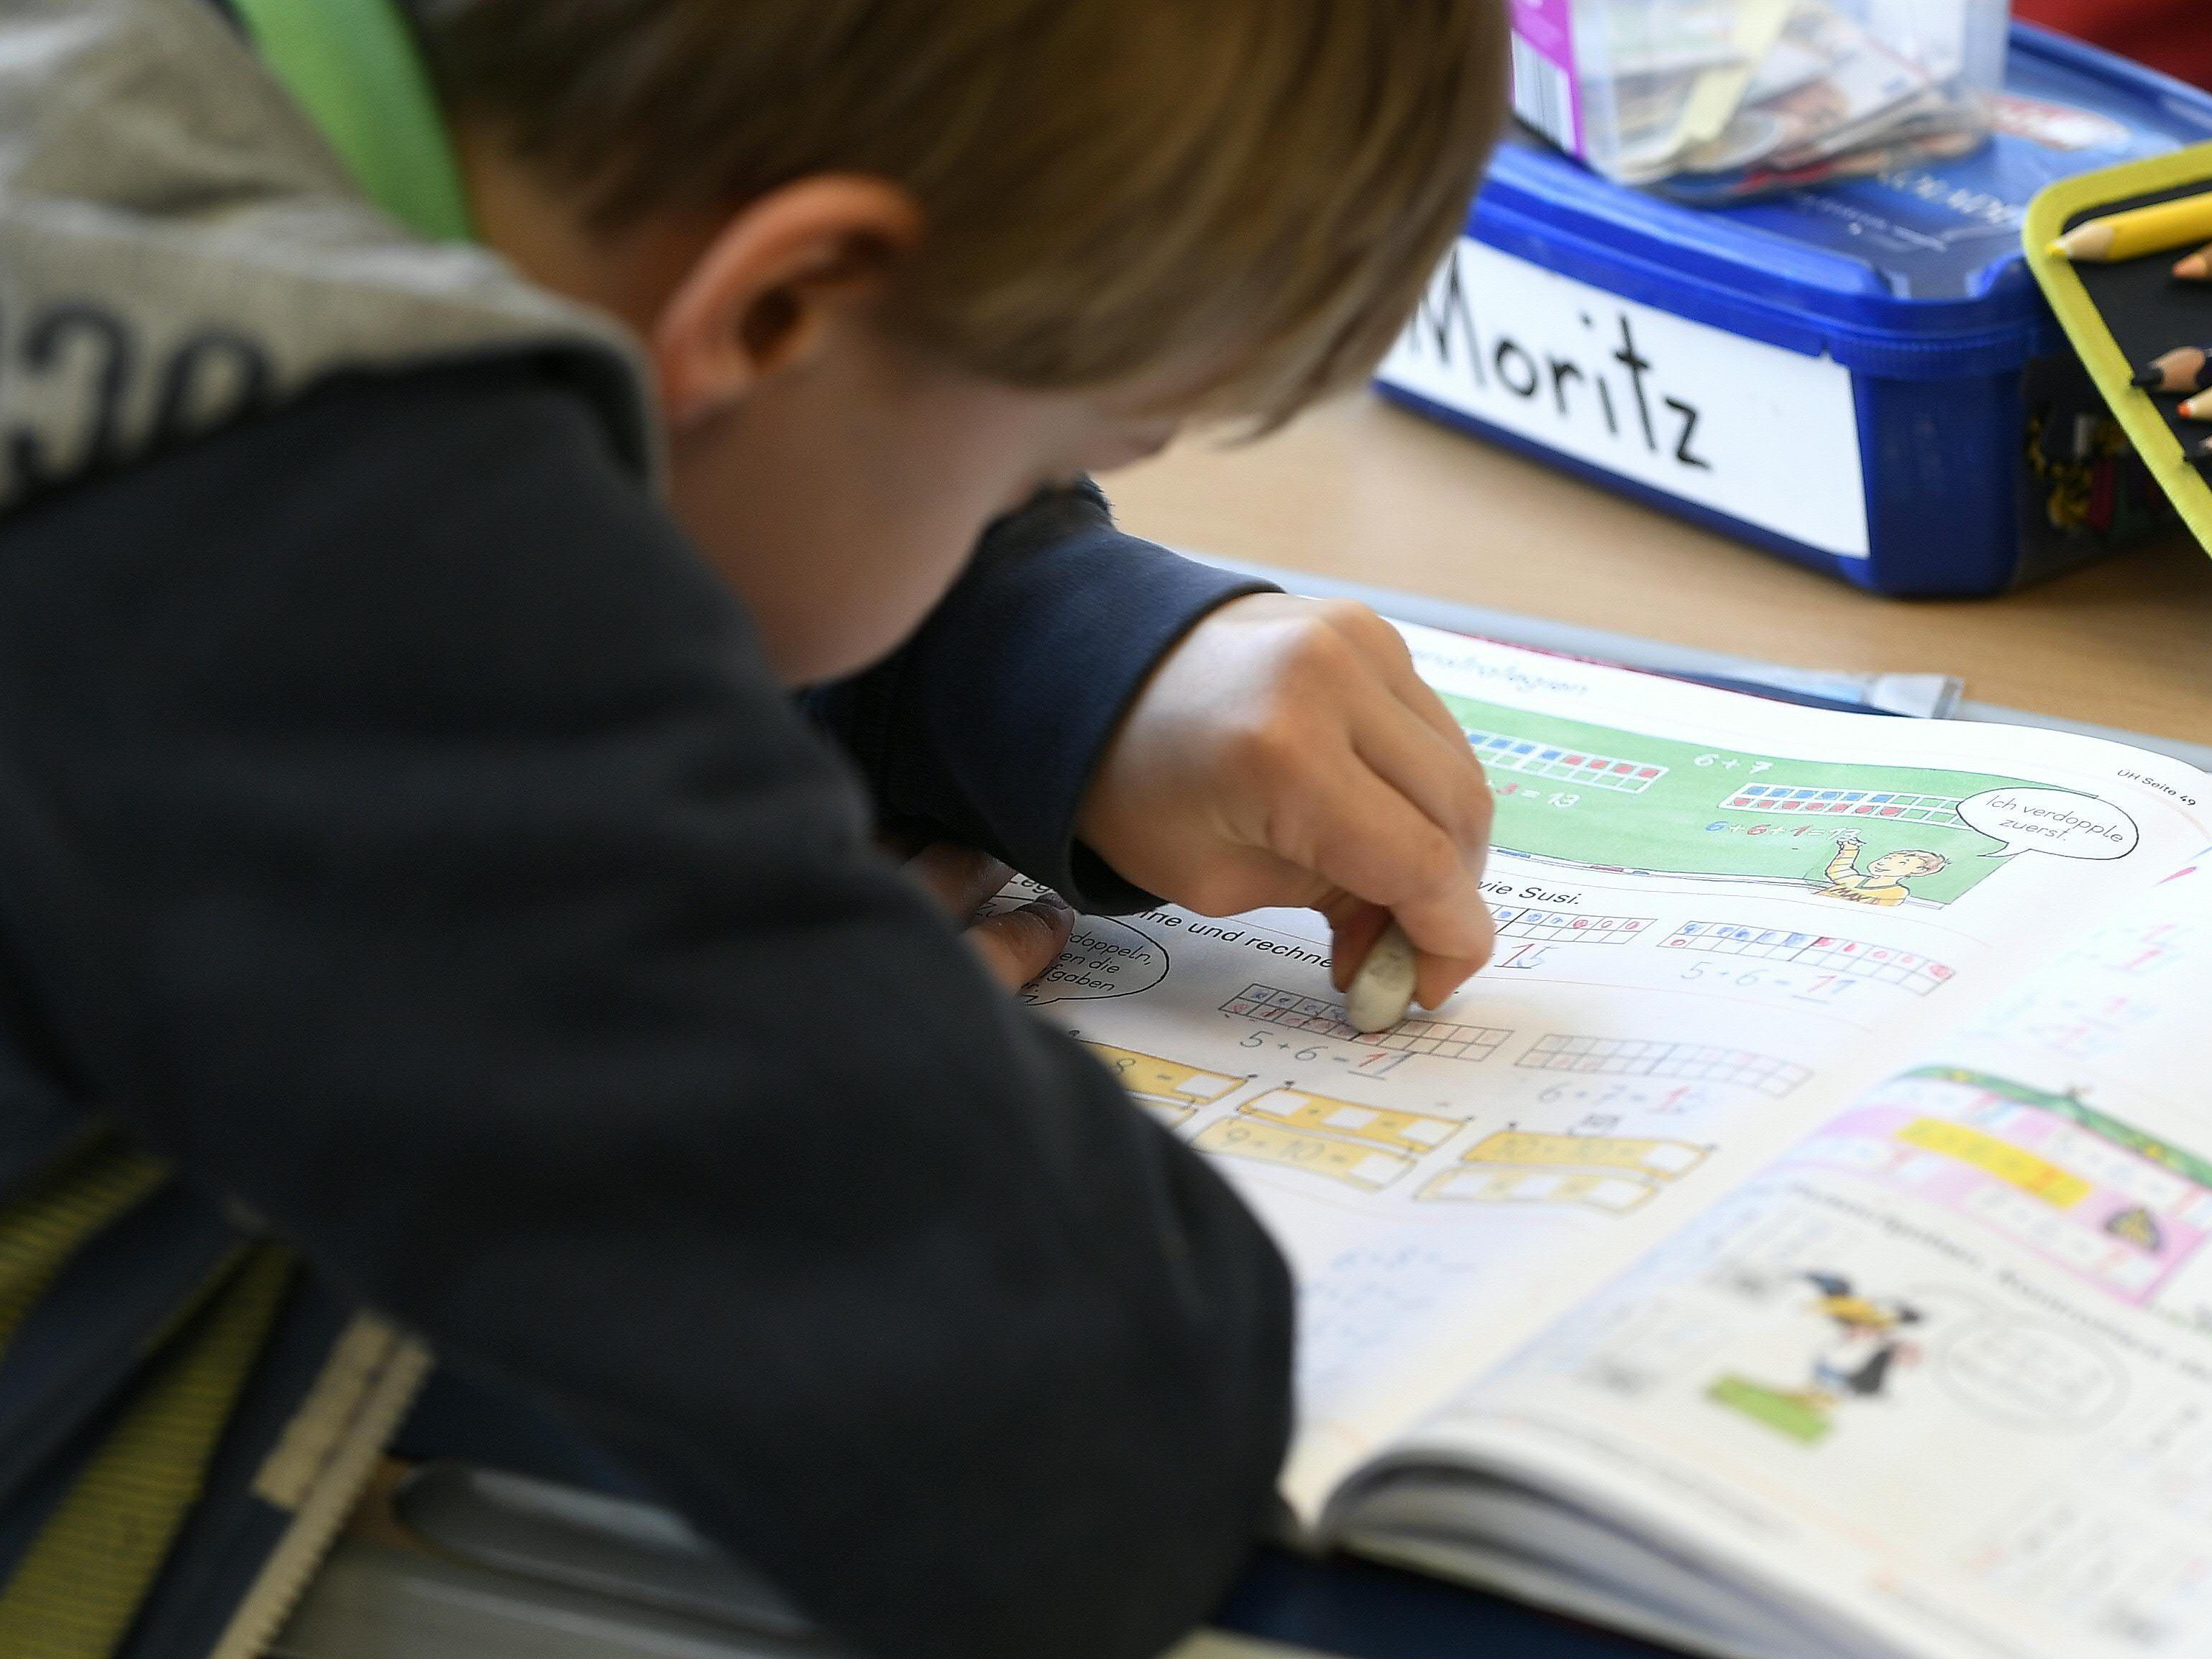 Insbesondere kleine Schulen in Vorarlberg könnten laut Karin Engstler vom Cluster-Modell profitieren.